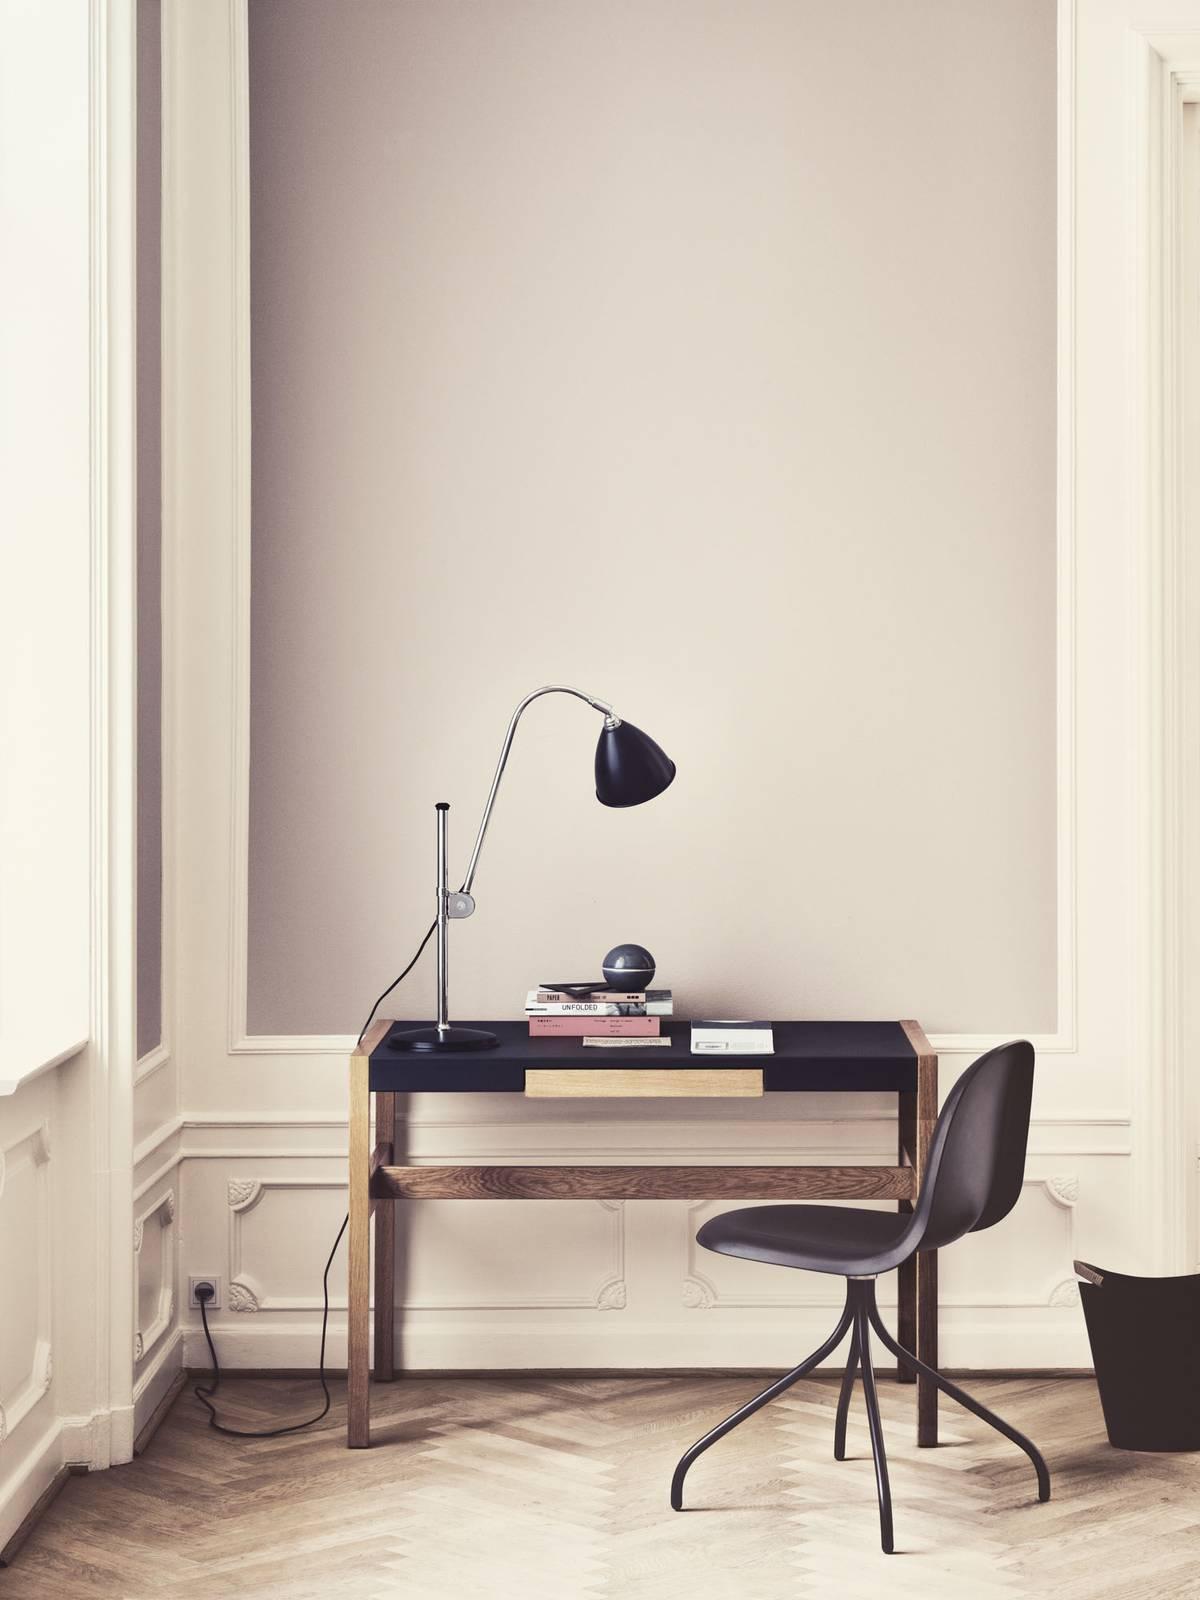 GUBI Bestlite BL1 tafellamp chroom/zwart